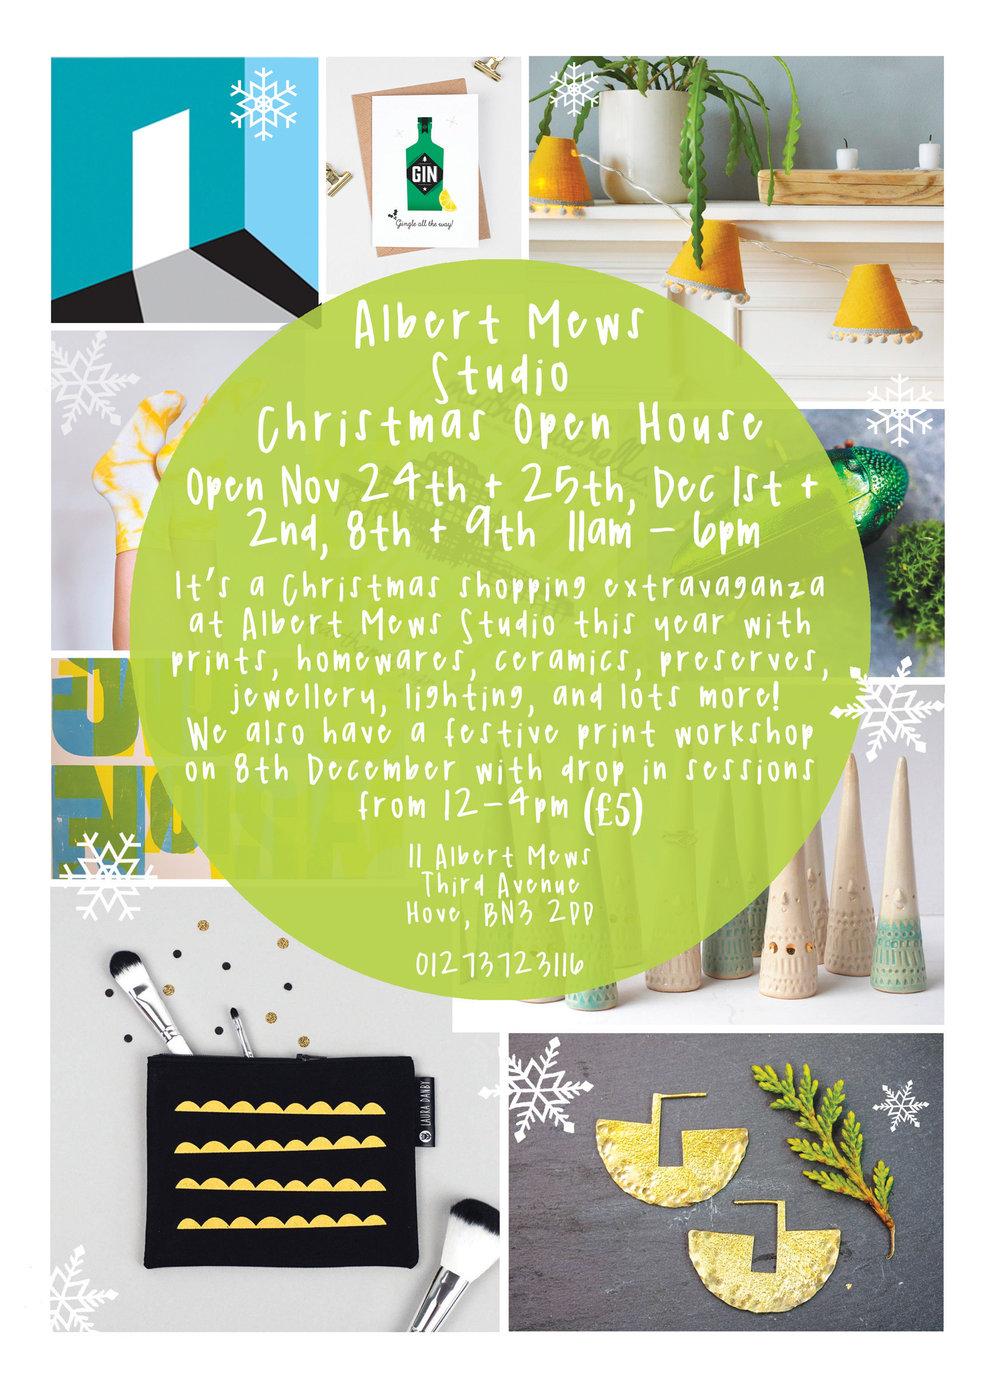 Albert Mews Studio Christmas Open House 2018 - Flyer Back.jpg